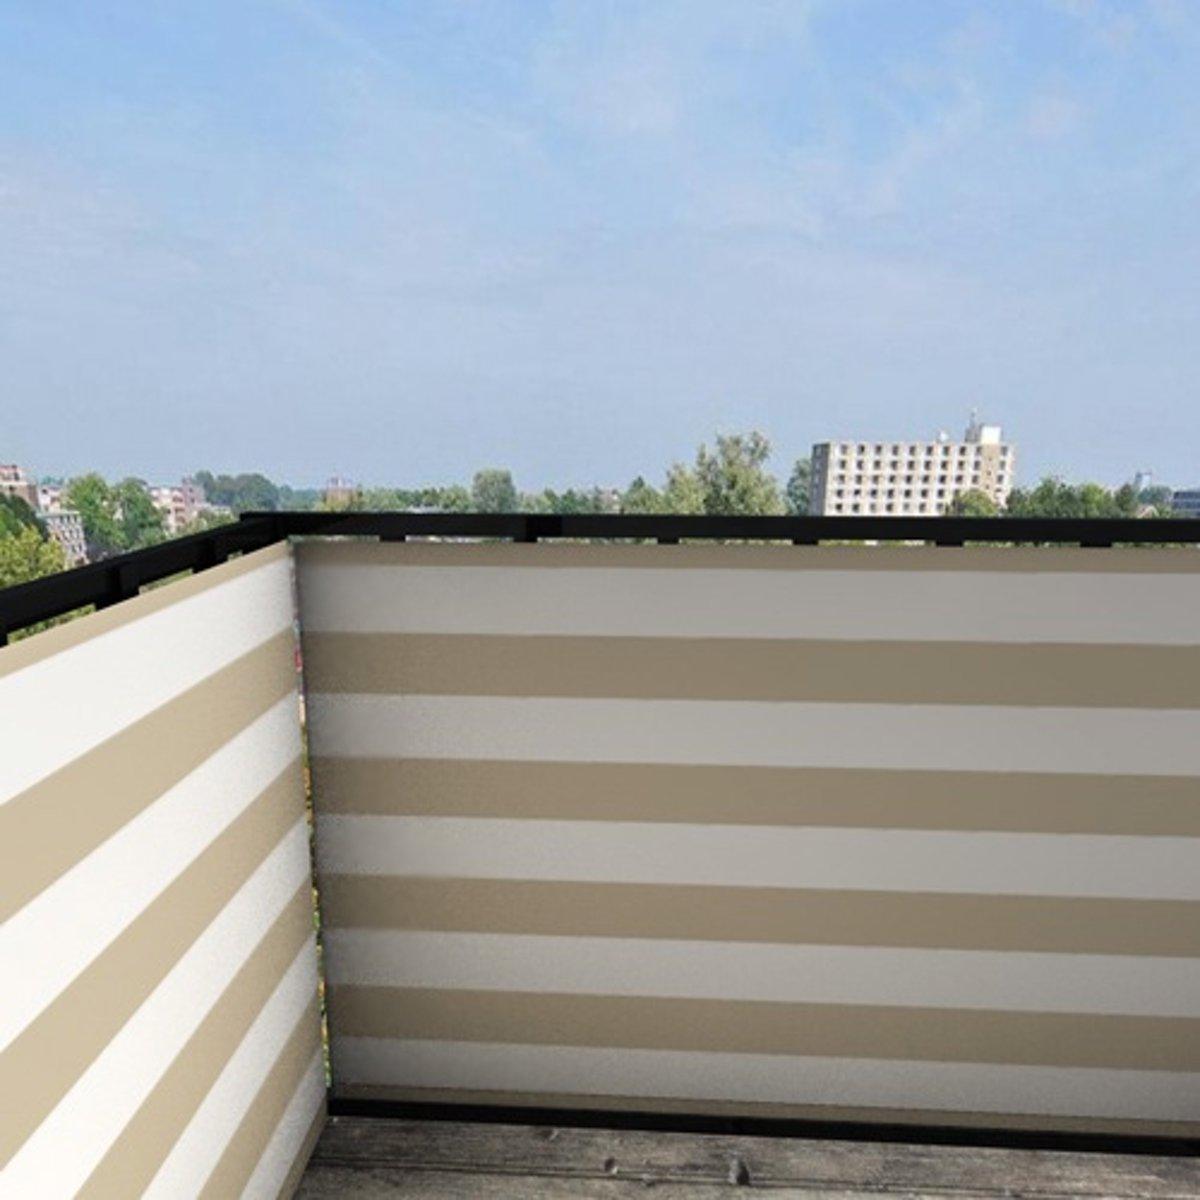 Balkonafscheiding gestreept beige (100x350cm Enkelzijdig)